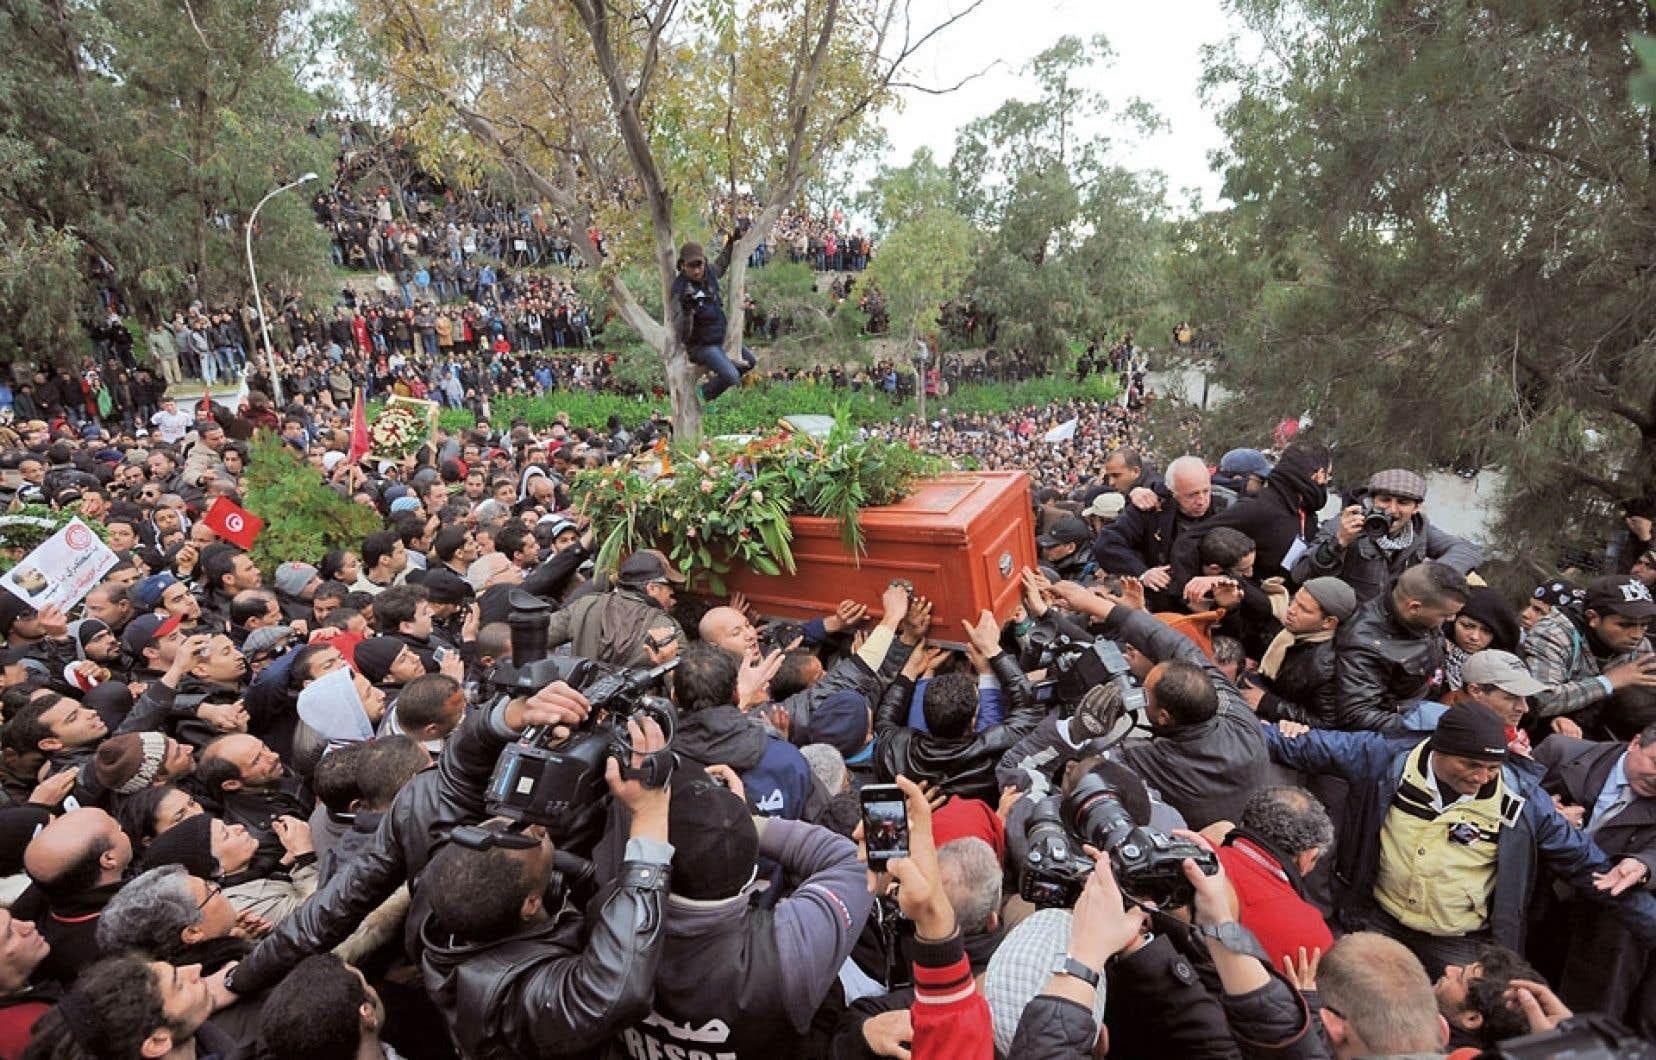 <div> Les fun&eacute;railles ont pris des allures de manifestation contre le parti islamiste au pouvoir Ennahda.&nbsp;</div>